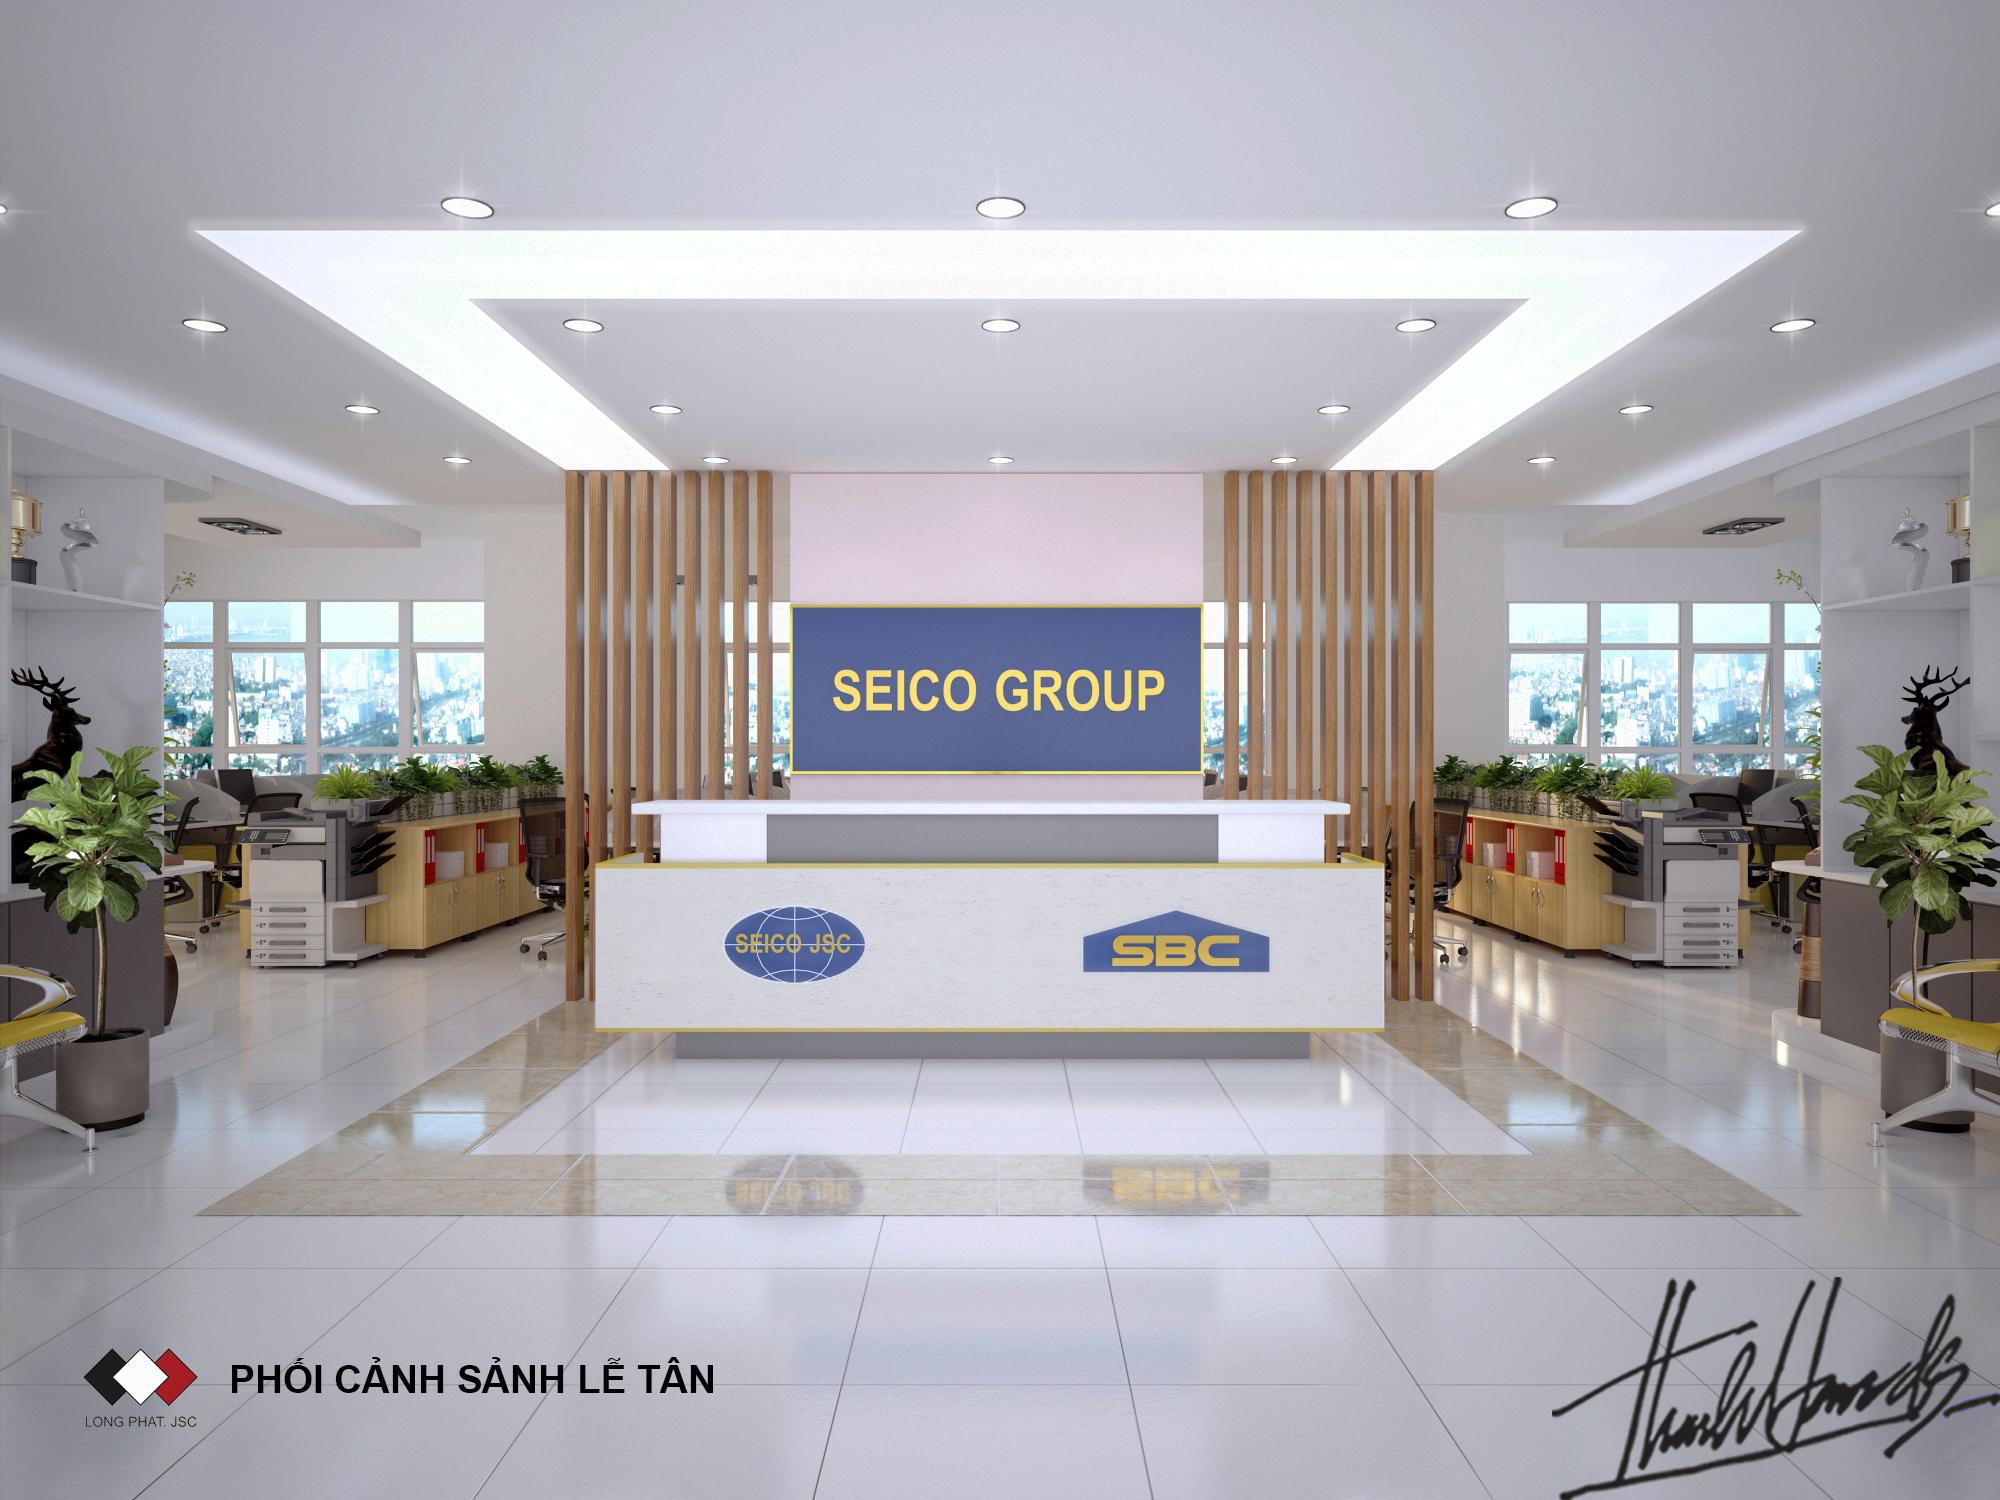 thiết kế nội thất Văn Phòng tại Hà Nội Văn phong SEIKO 19 1568274677